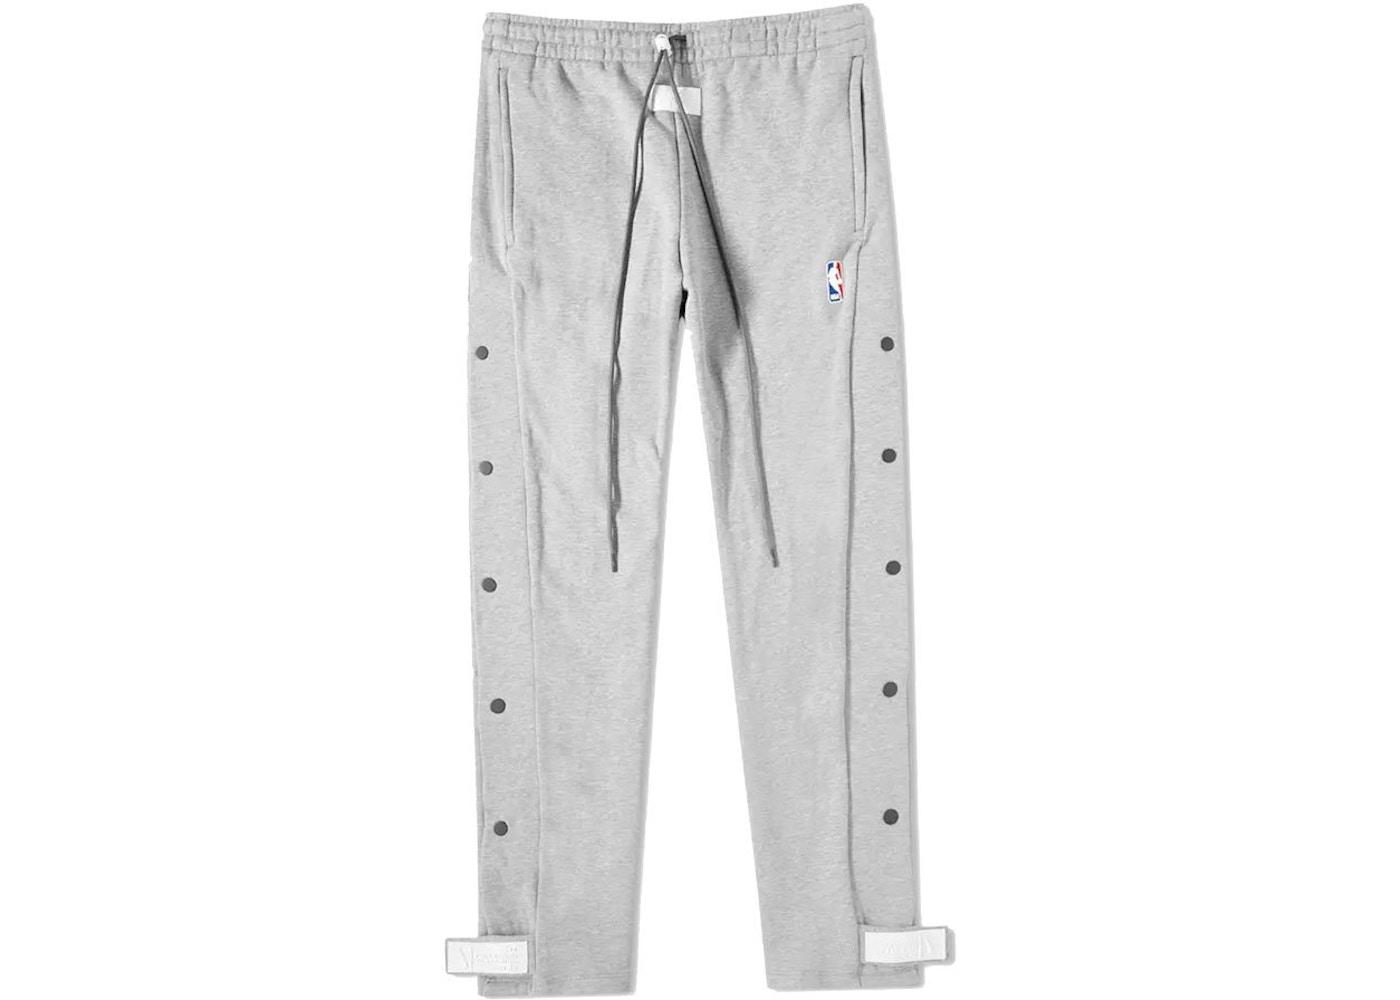 c9fb63cf2412 FEAR OF GOD x Nike Tear Away Pants Dark Grey Heather - FW18